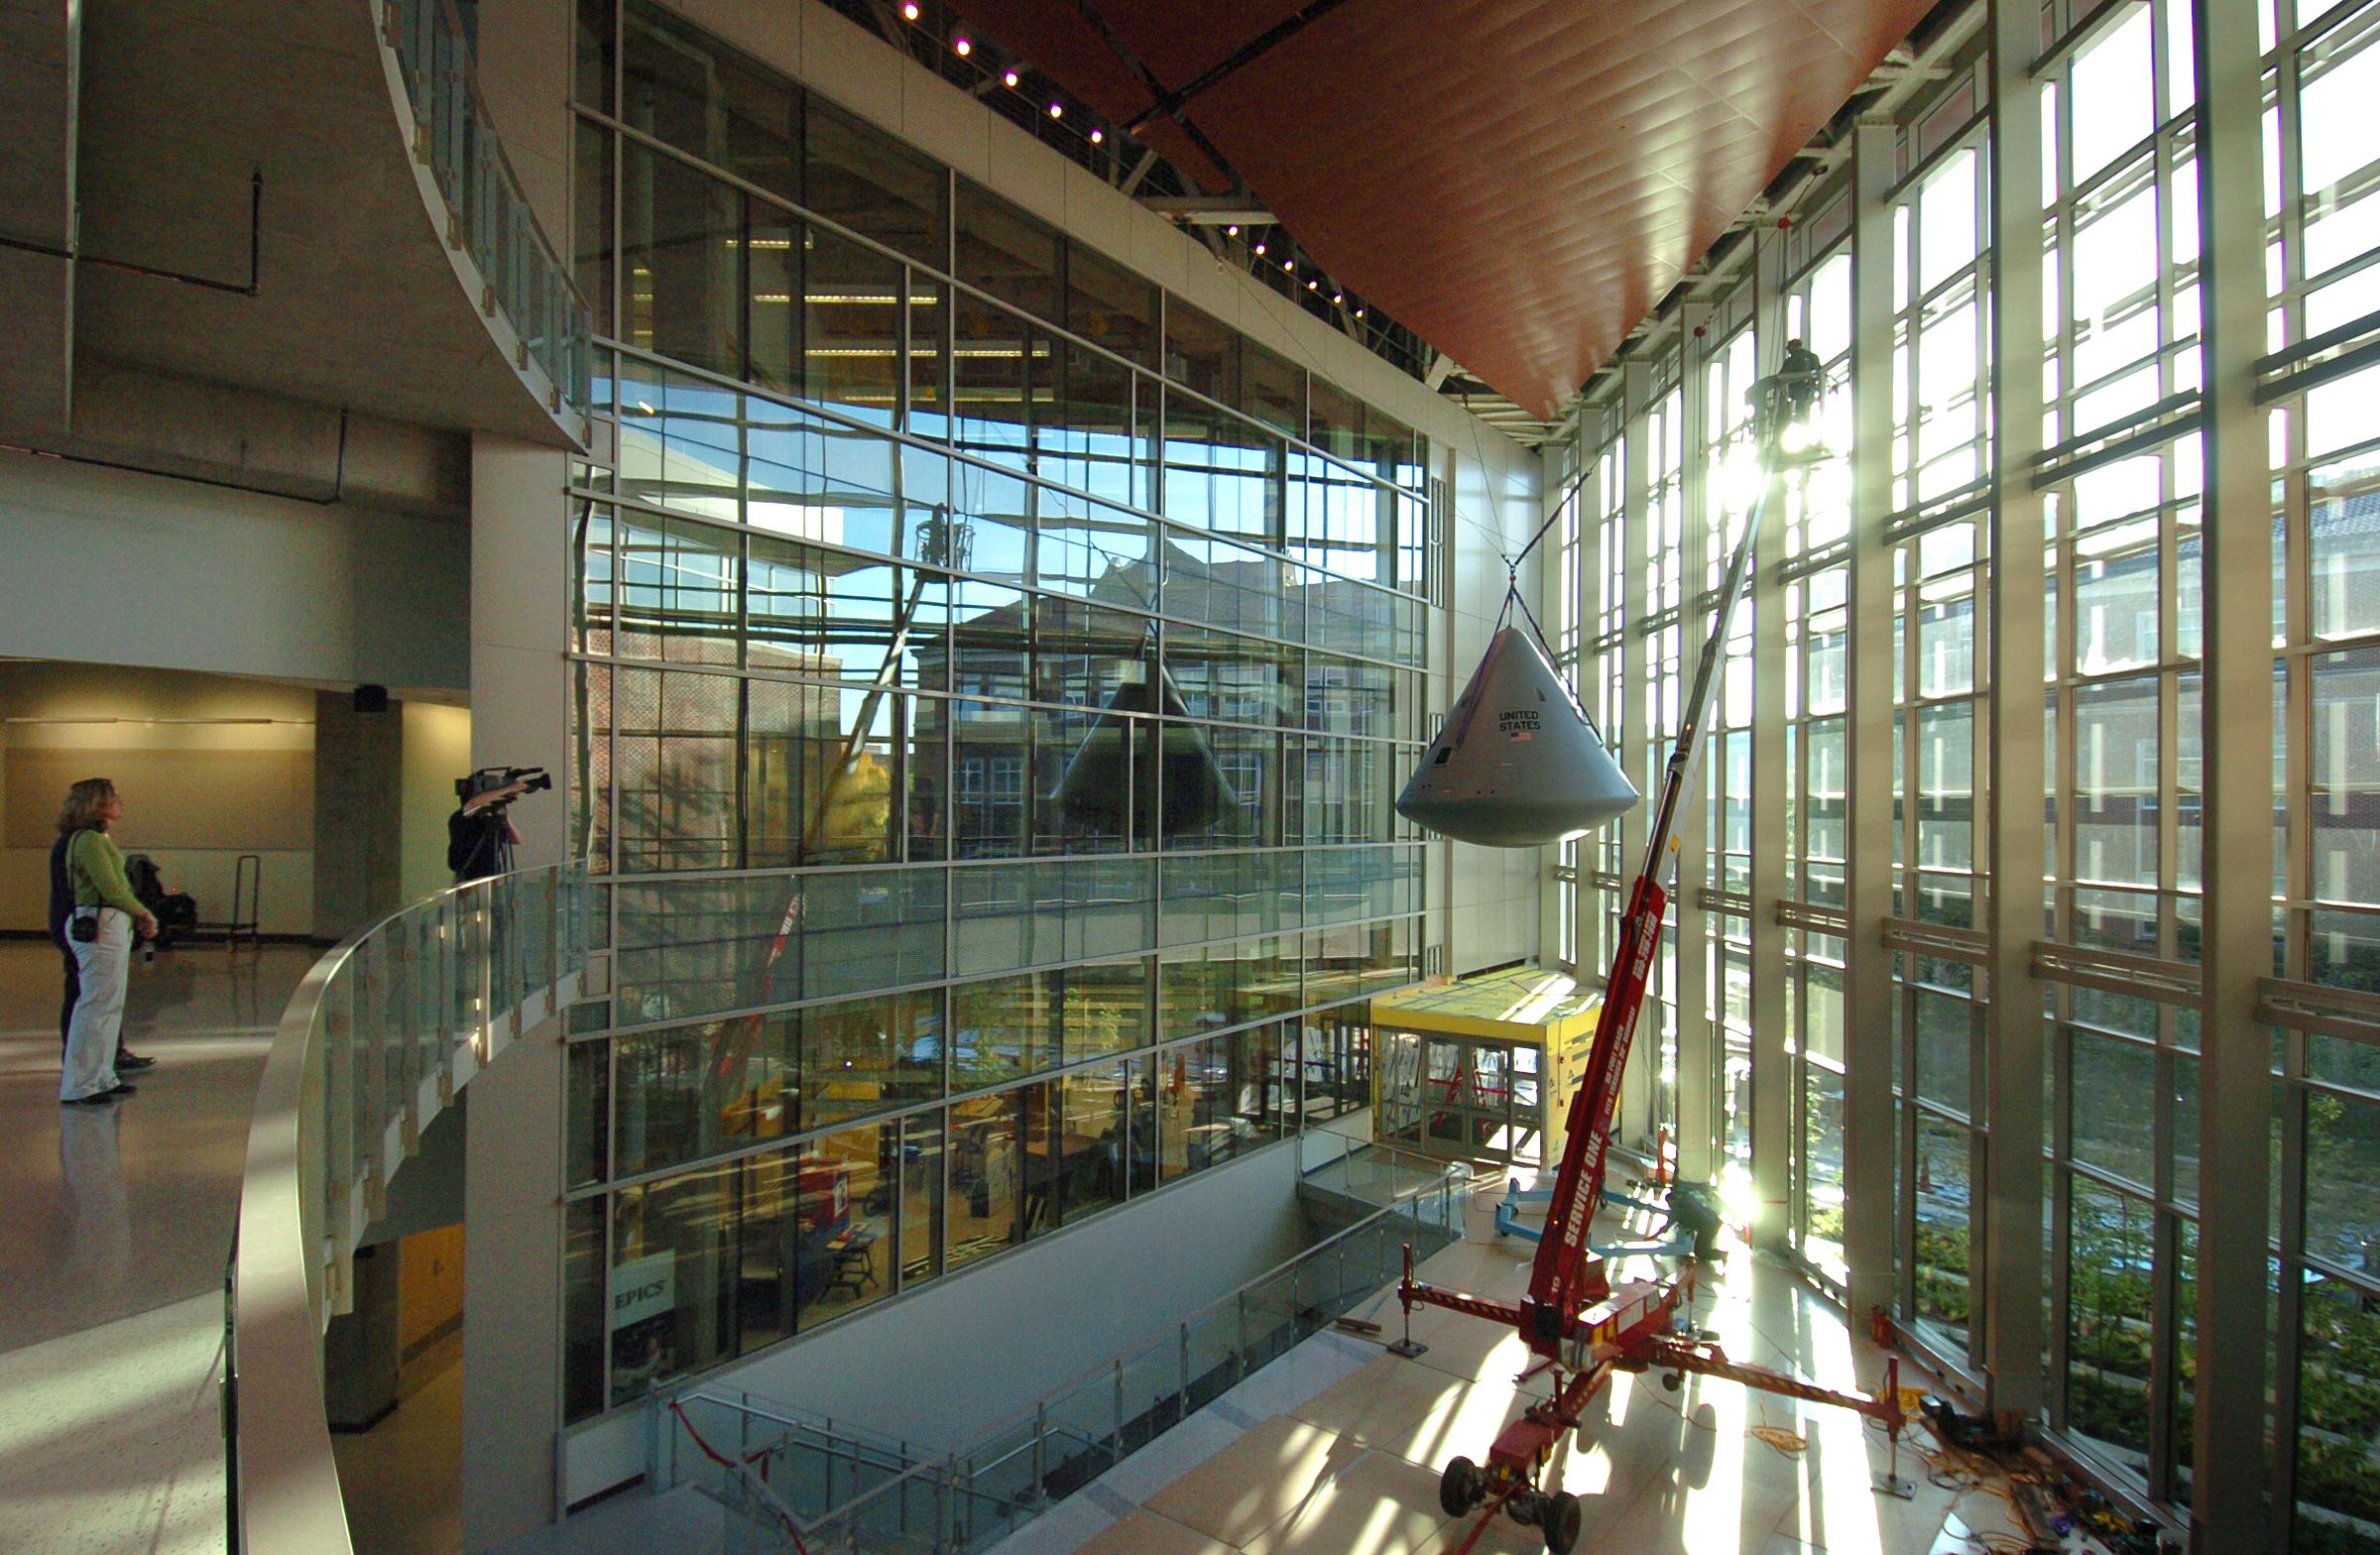 Purdue Biomedical Engineering Building